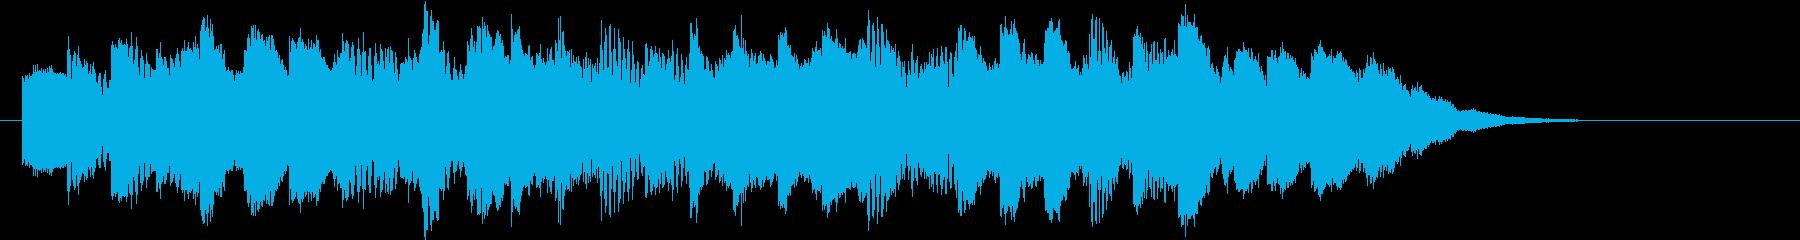 電車の発車メロディー風ジングルの再生済みの波形